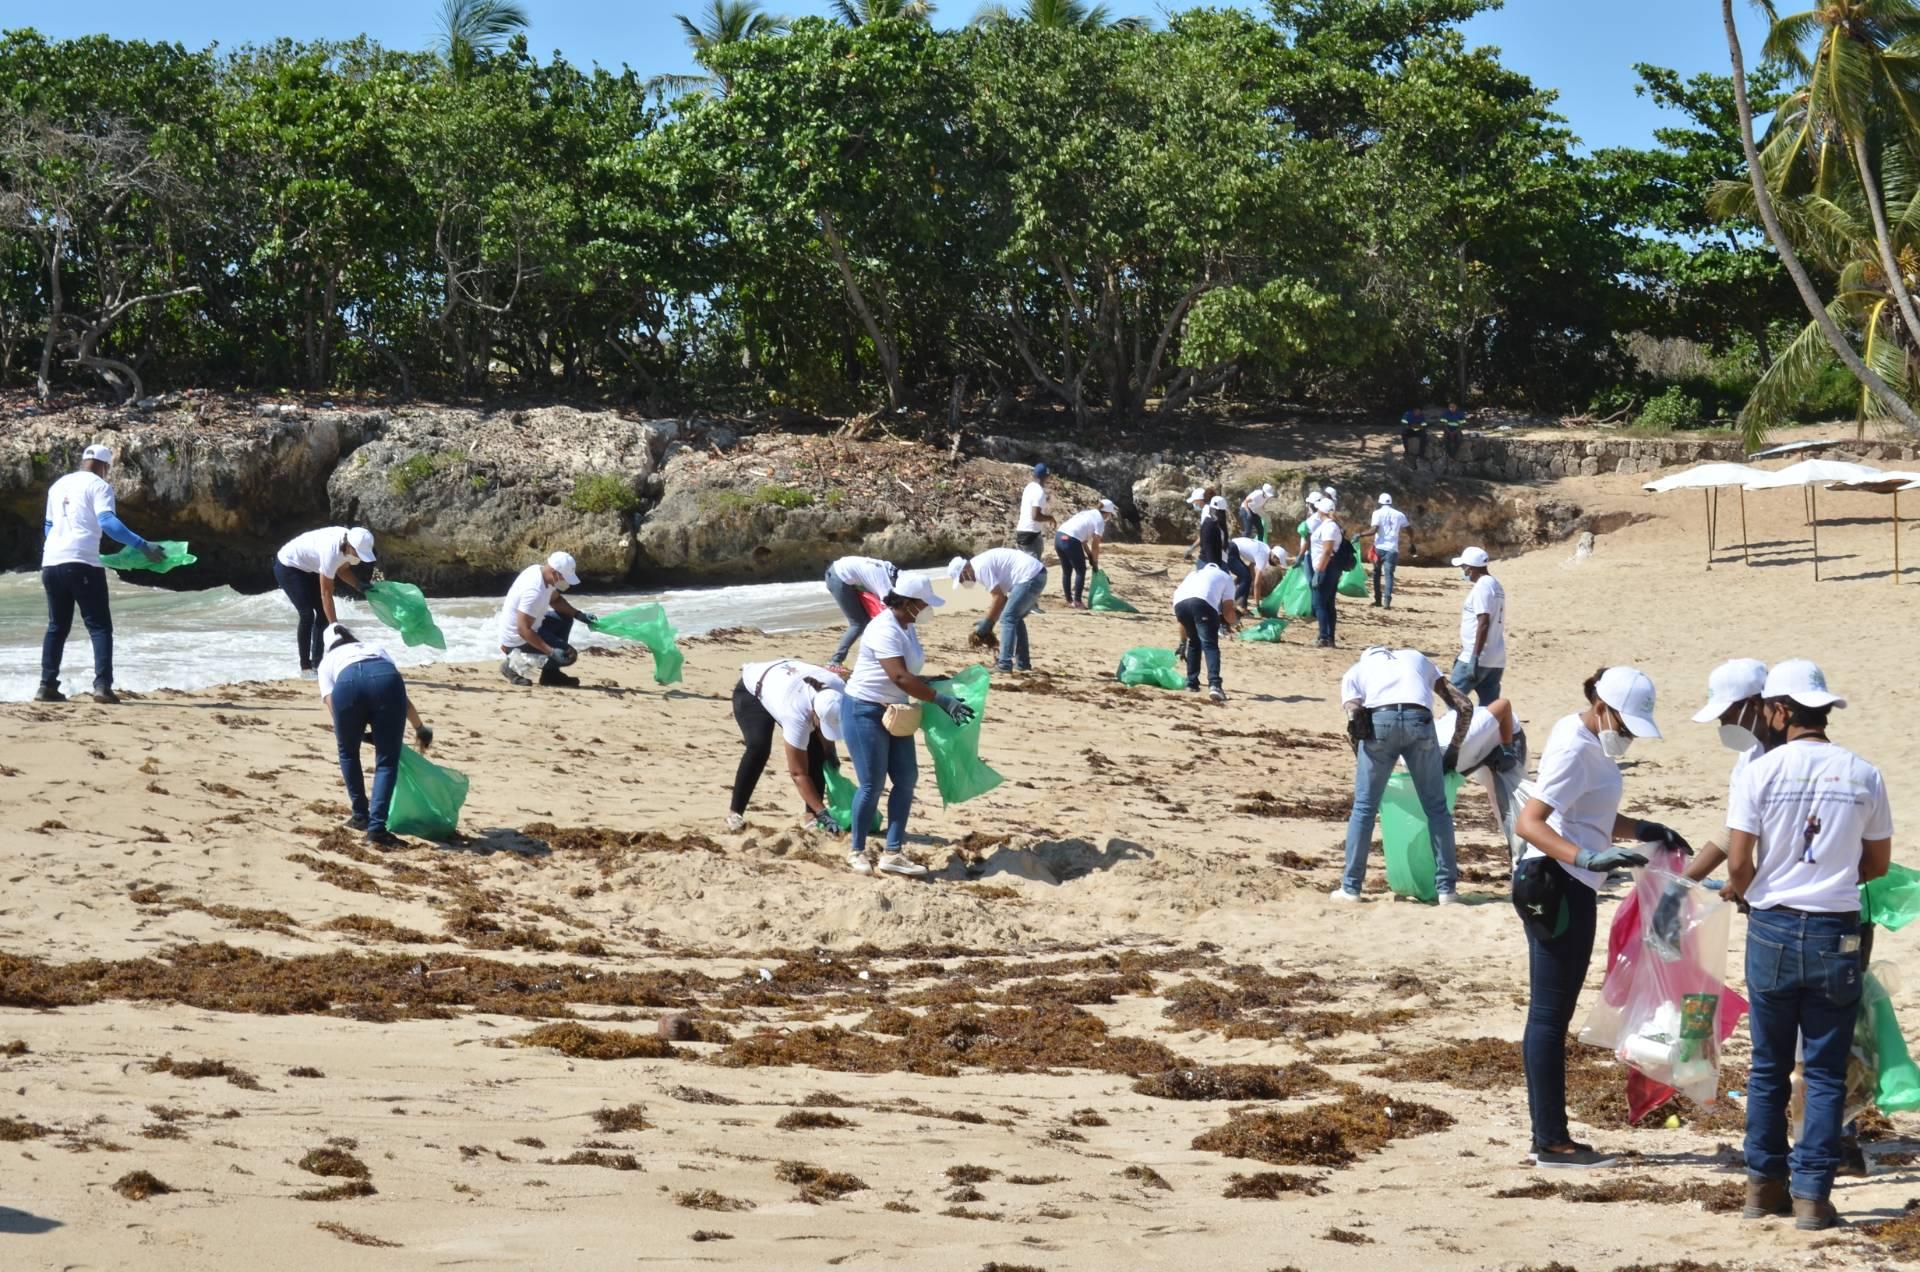 CAEI reitera su compromiso ambiental al apoyar Jornada Internacional de Limpieza de Playas